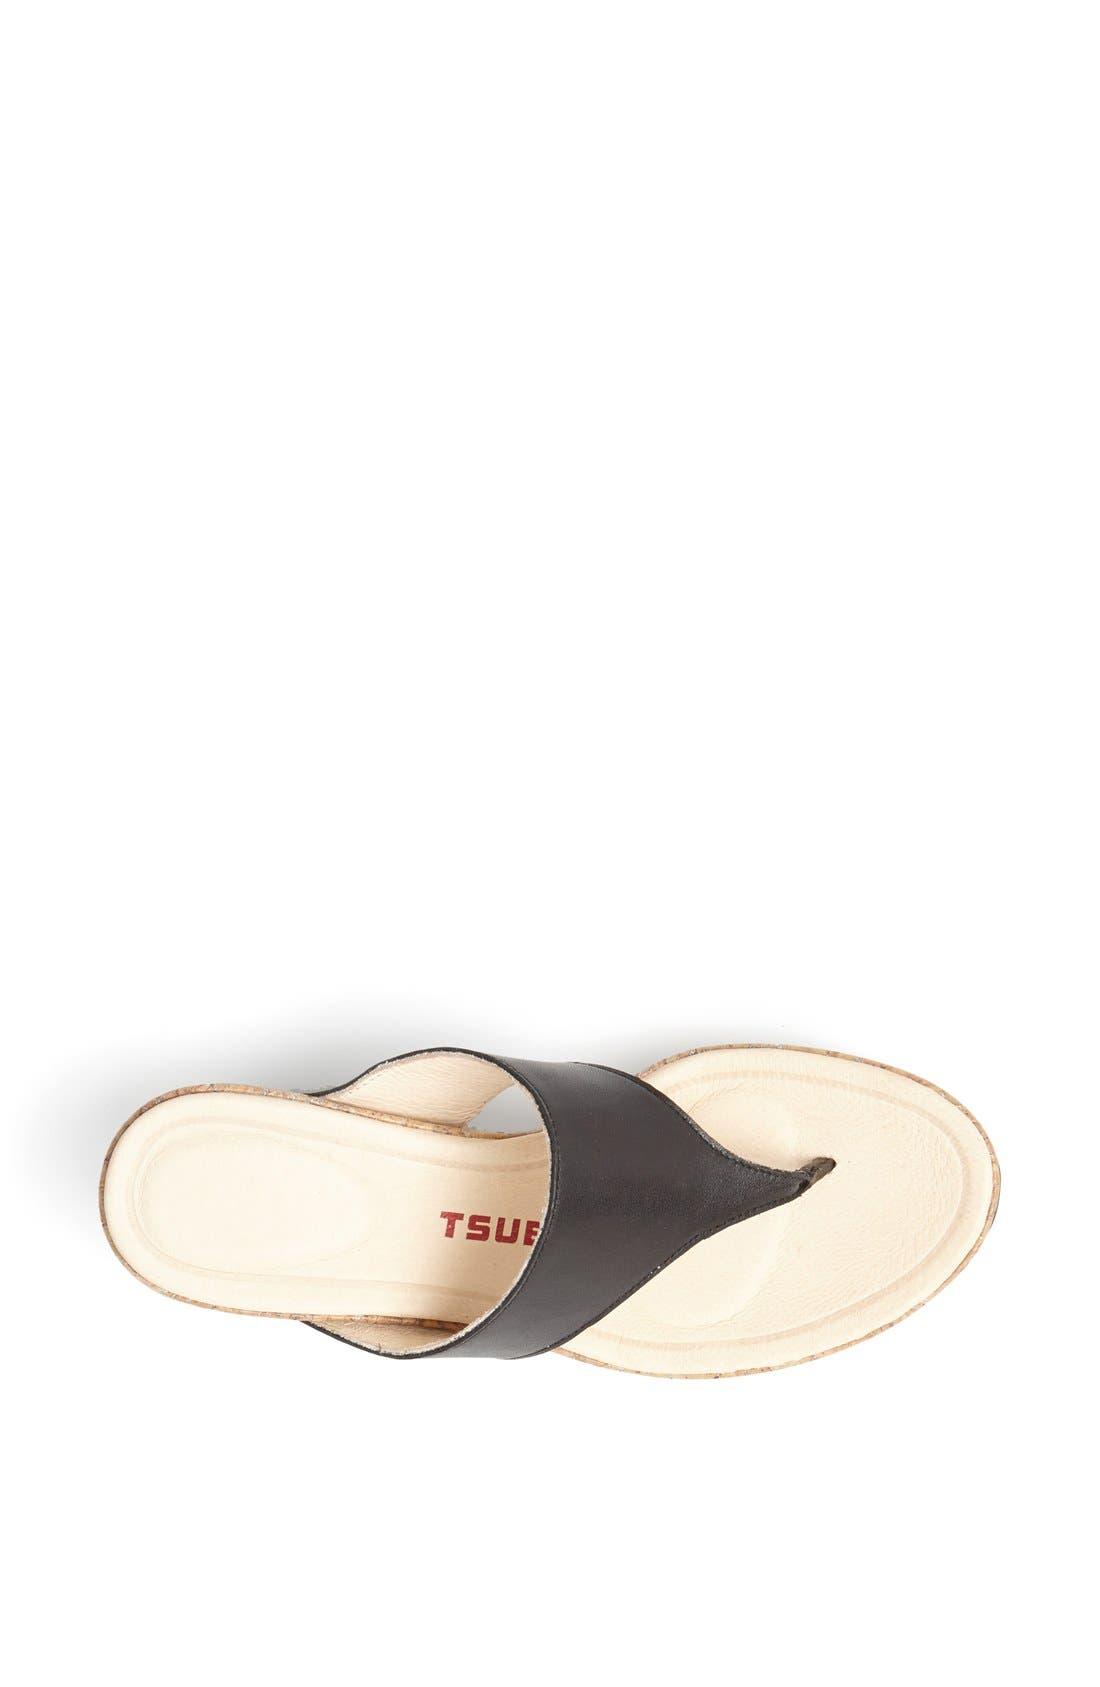 Alternate Image 3  - Tsubo 'Odelle' Wedge Thong Sandal